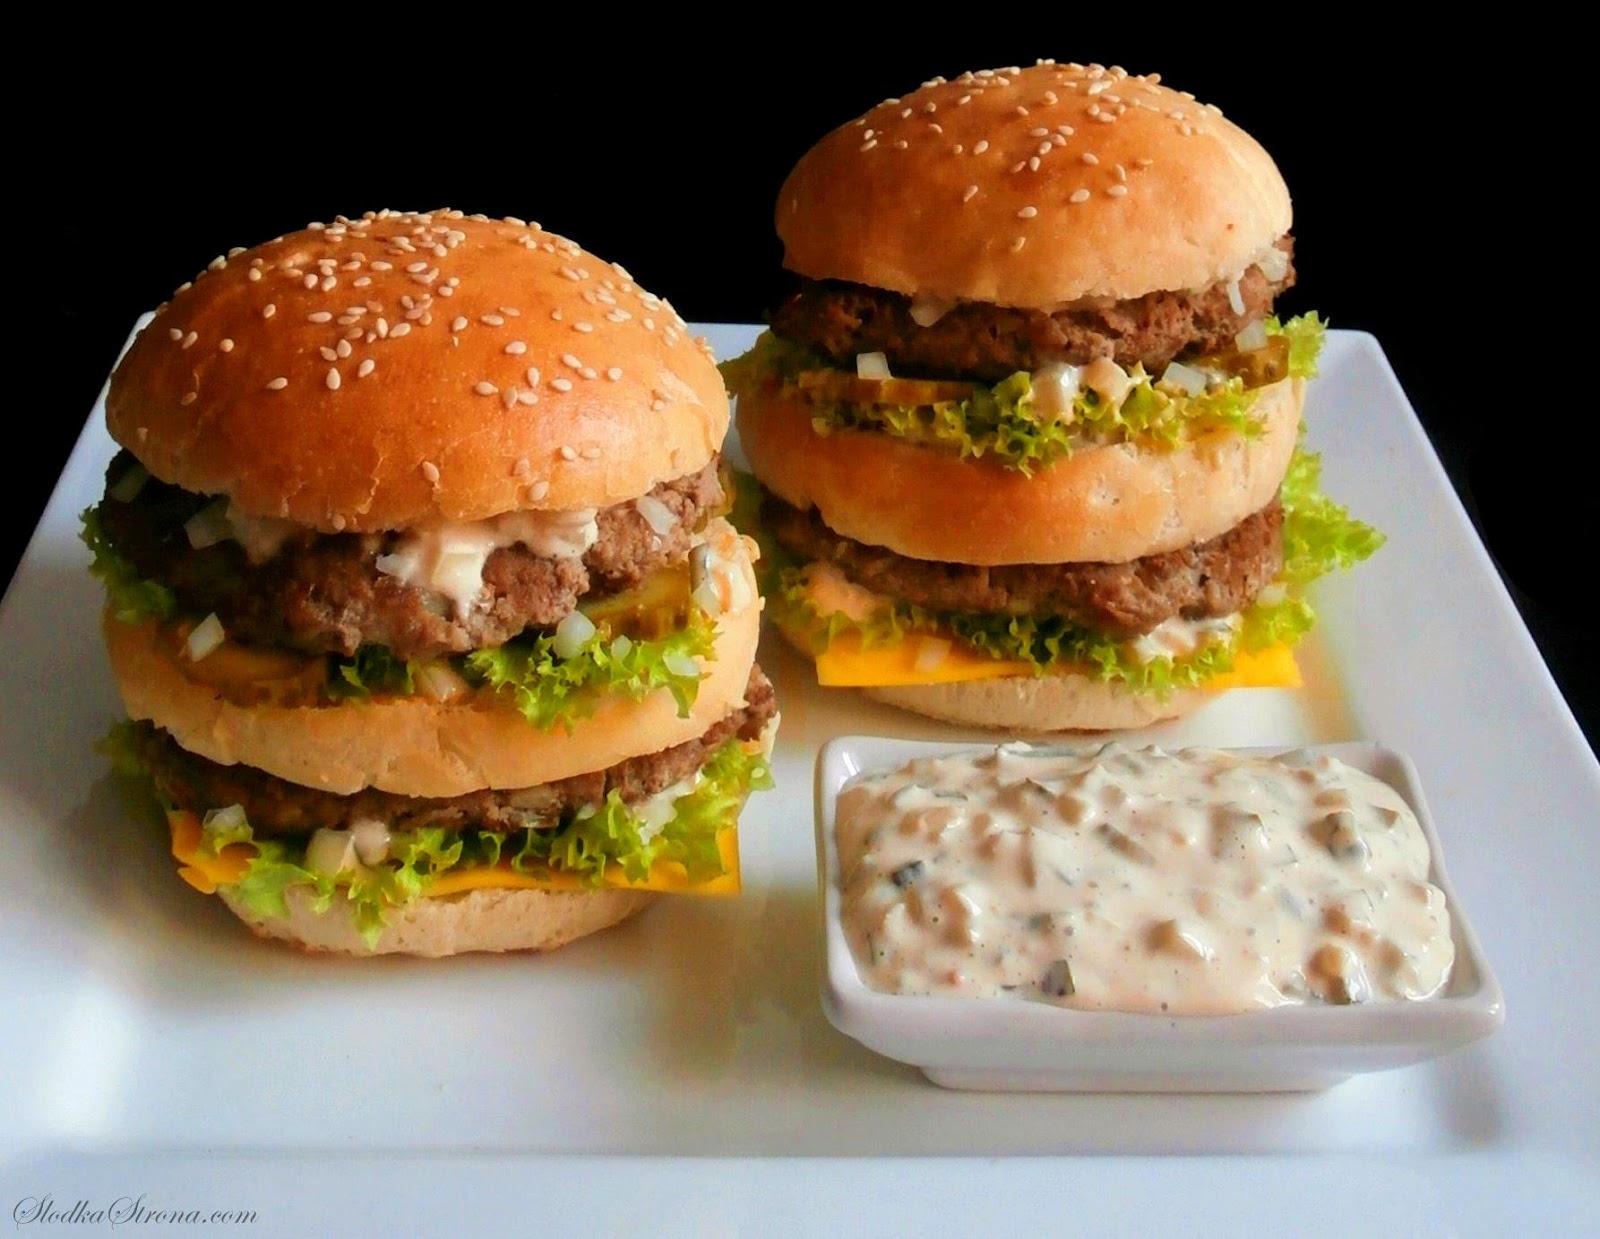 """Domowy Sos do Big Maca - Przepis - Słodka Strona, Big Mac to jedna z najpopularniejszych i najbardziej lubianych kanapek z McDonald's. Wyjątkowego i charakterystycznego smaku Big Maca nadaje mu m.in. """"Sos Big Mac"""", który znajdziemy we wnętrzu hamburgera. Receptura oryginalnego """"królewskiego sosu"""" jest oczywiście tajemnica restauracji, jednak na podstawie smaku oraz składników wyczuwalnych w dipie można przygotować sos bardzo zbliżony do oryginału. Jest on równie smaczny jak ten z McDonald's i przede wszystkim mamy pewność, że wiemy co jemy. sos do big maca, domowy sos do big maca, sos do big maca przepis, domowy sos do big maca przepis, domowy big mac, domowy big mac przepis, jak zrobic sos do big maca, jak zrobic big maca, big mac z mcdonalda, mcdonald, big mac z mcdonalda przepis,"""